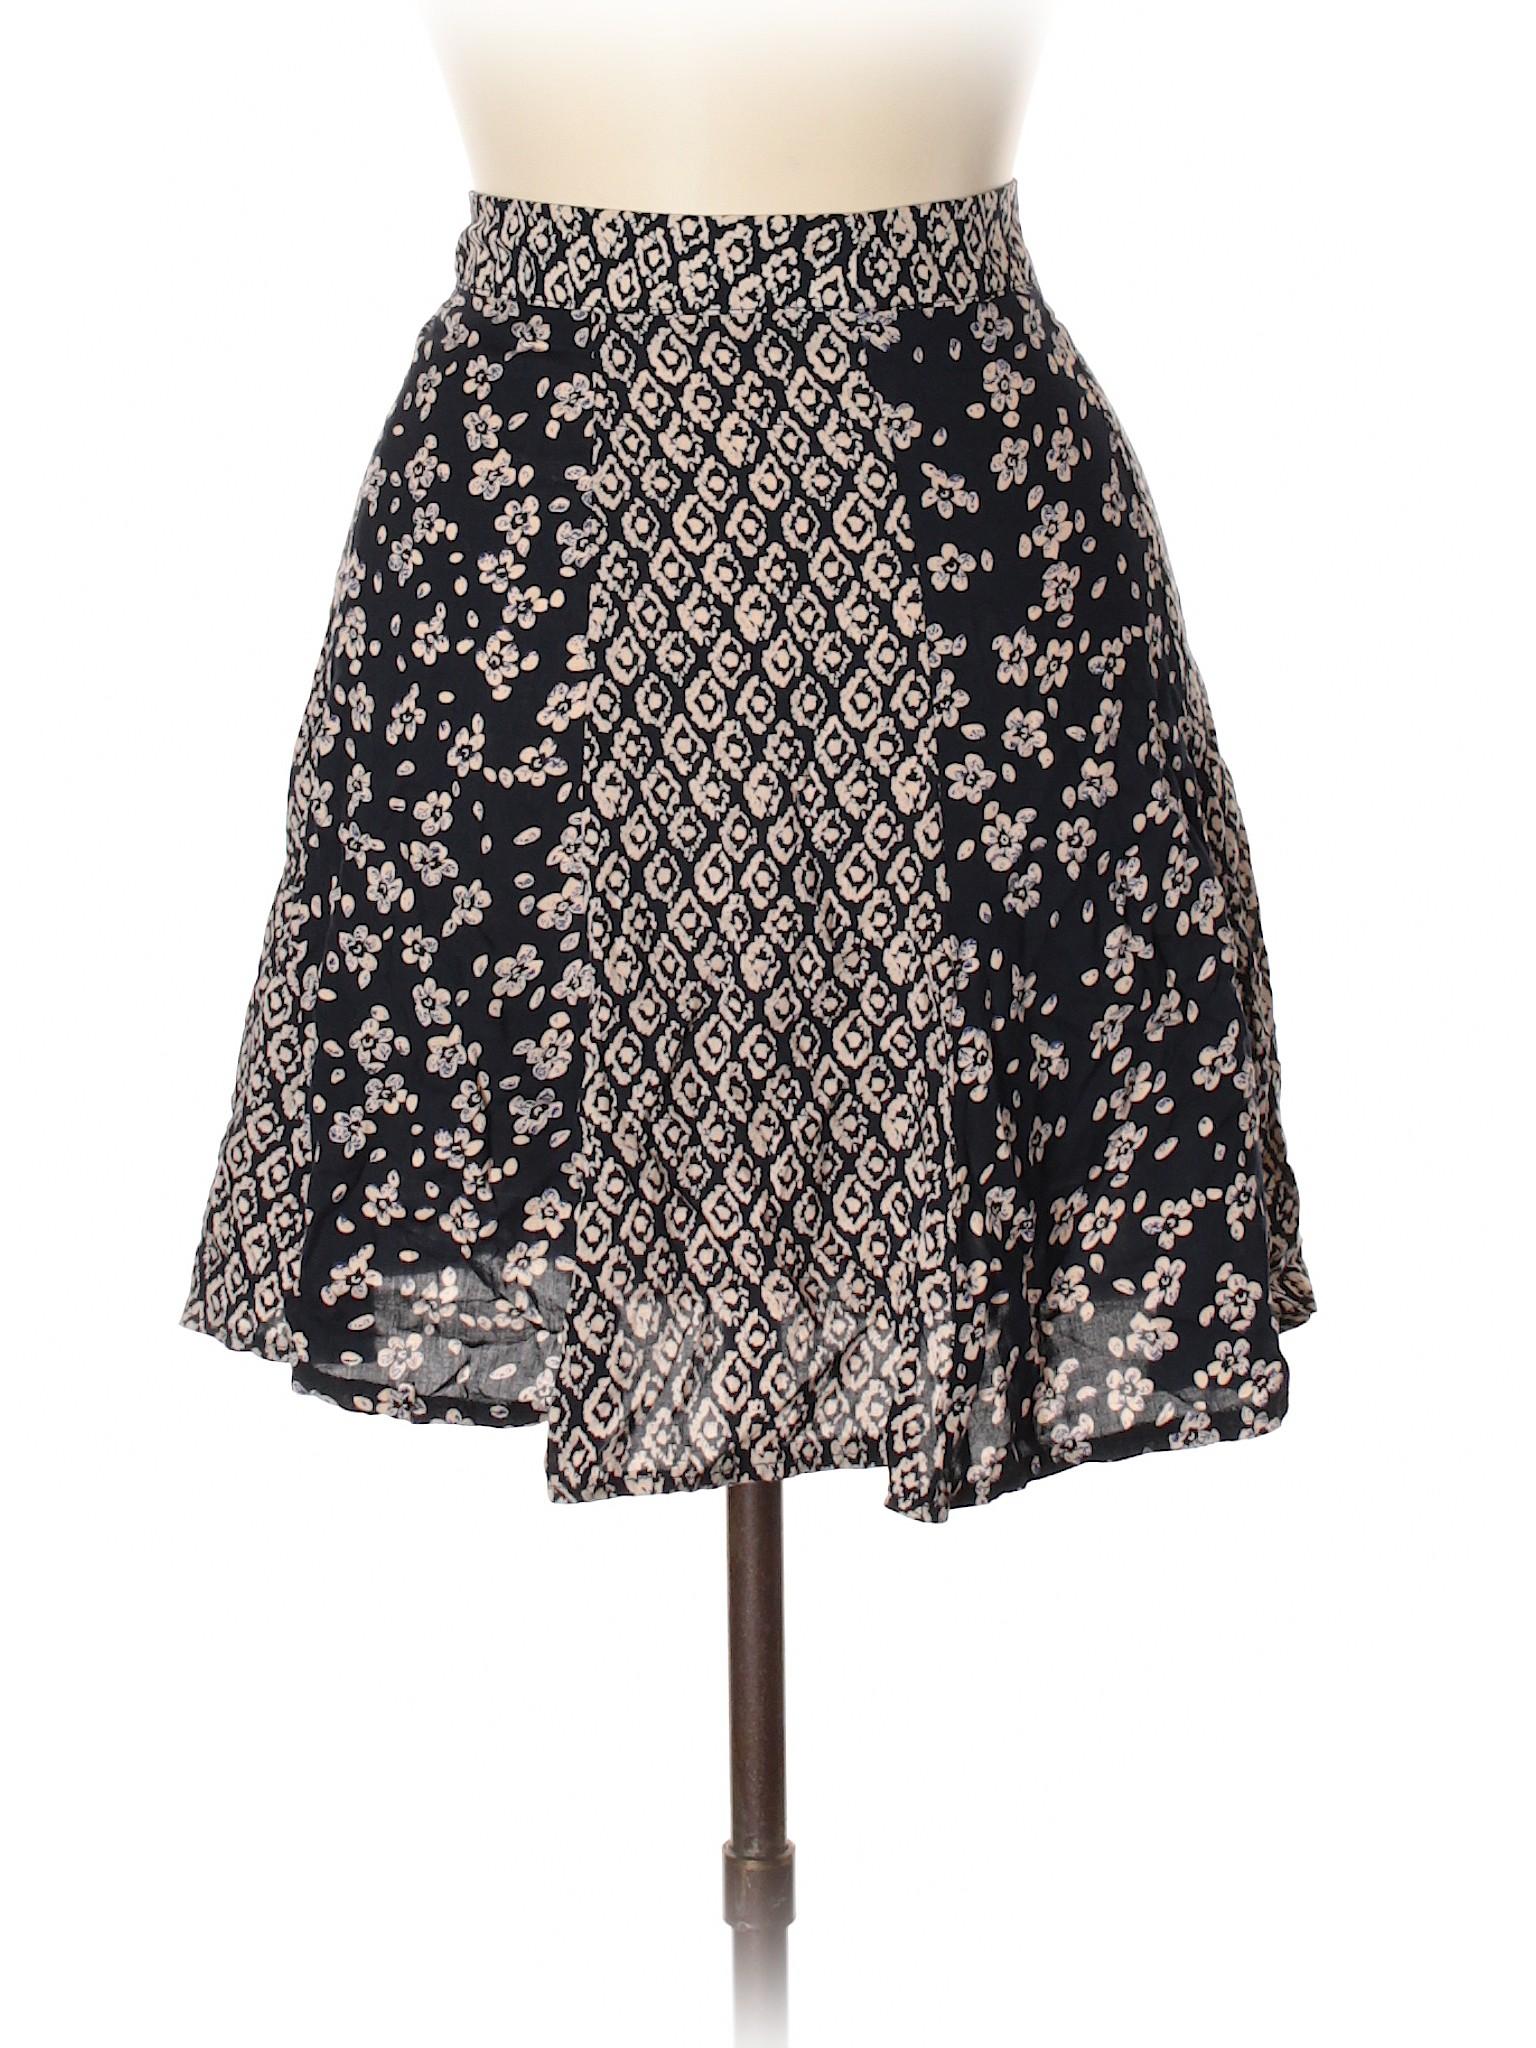 Boutique Skirt Skirt Casual Miami Miami Boutique Casual Miami Boutique SnrSqR8x